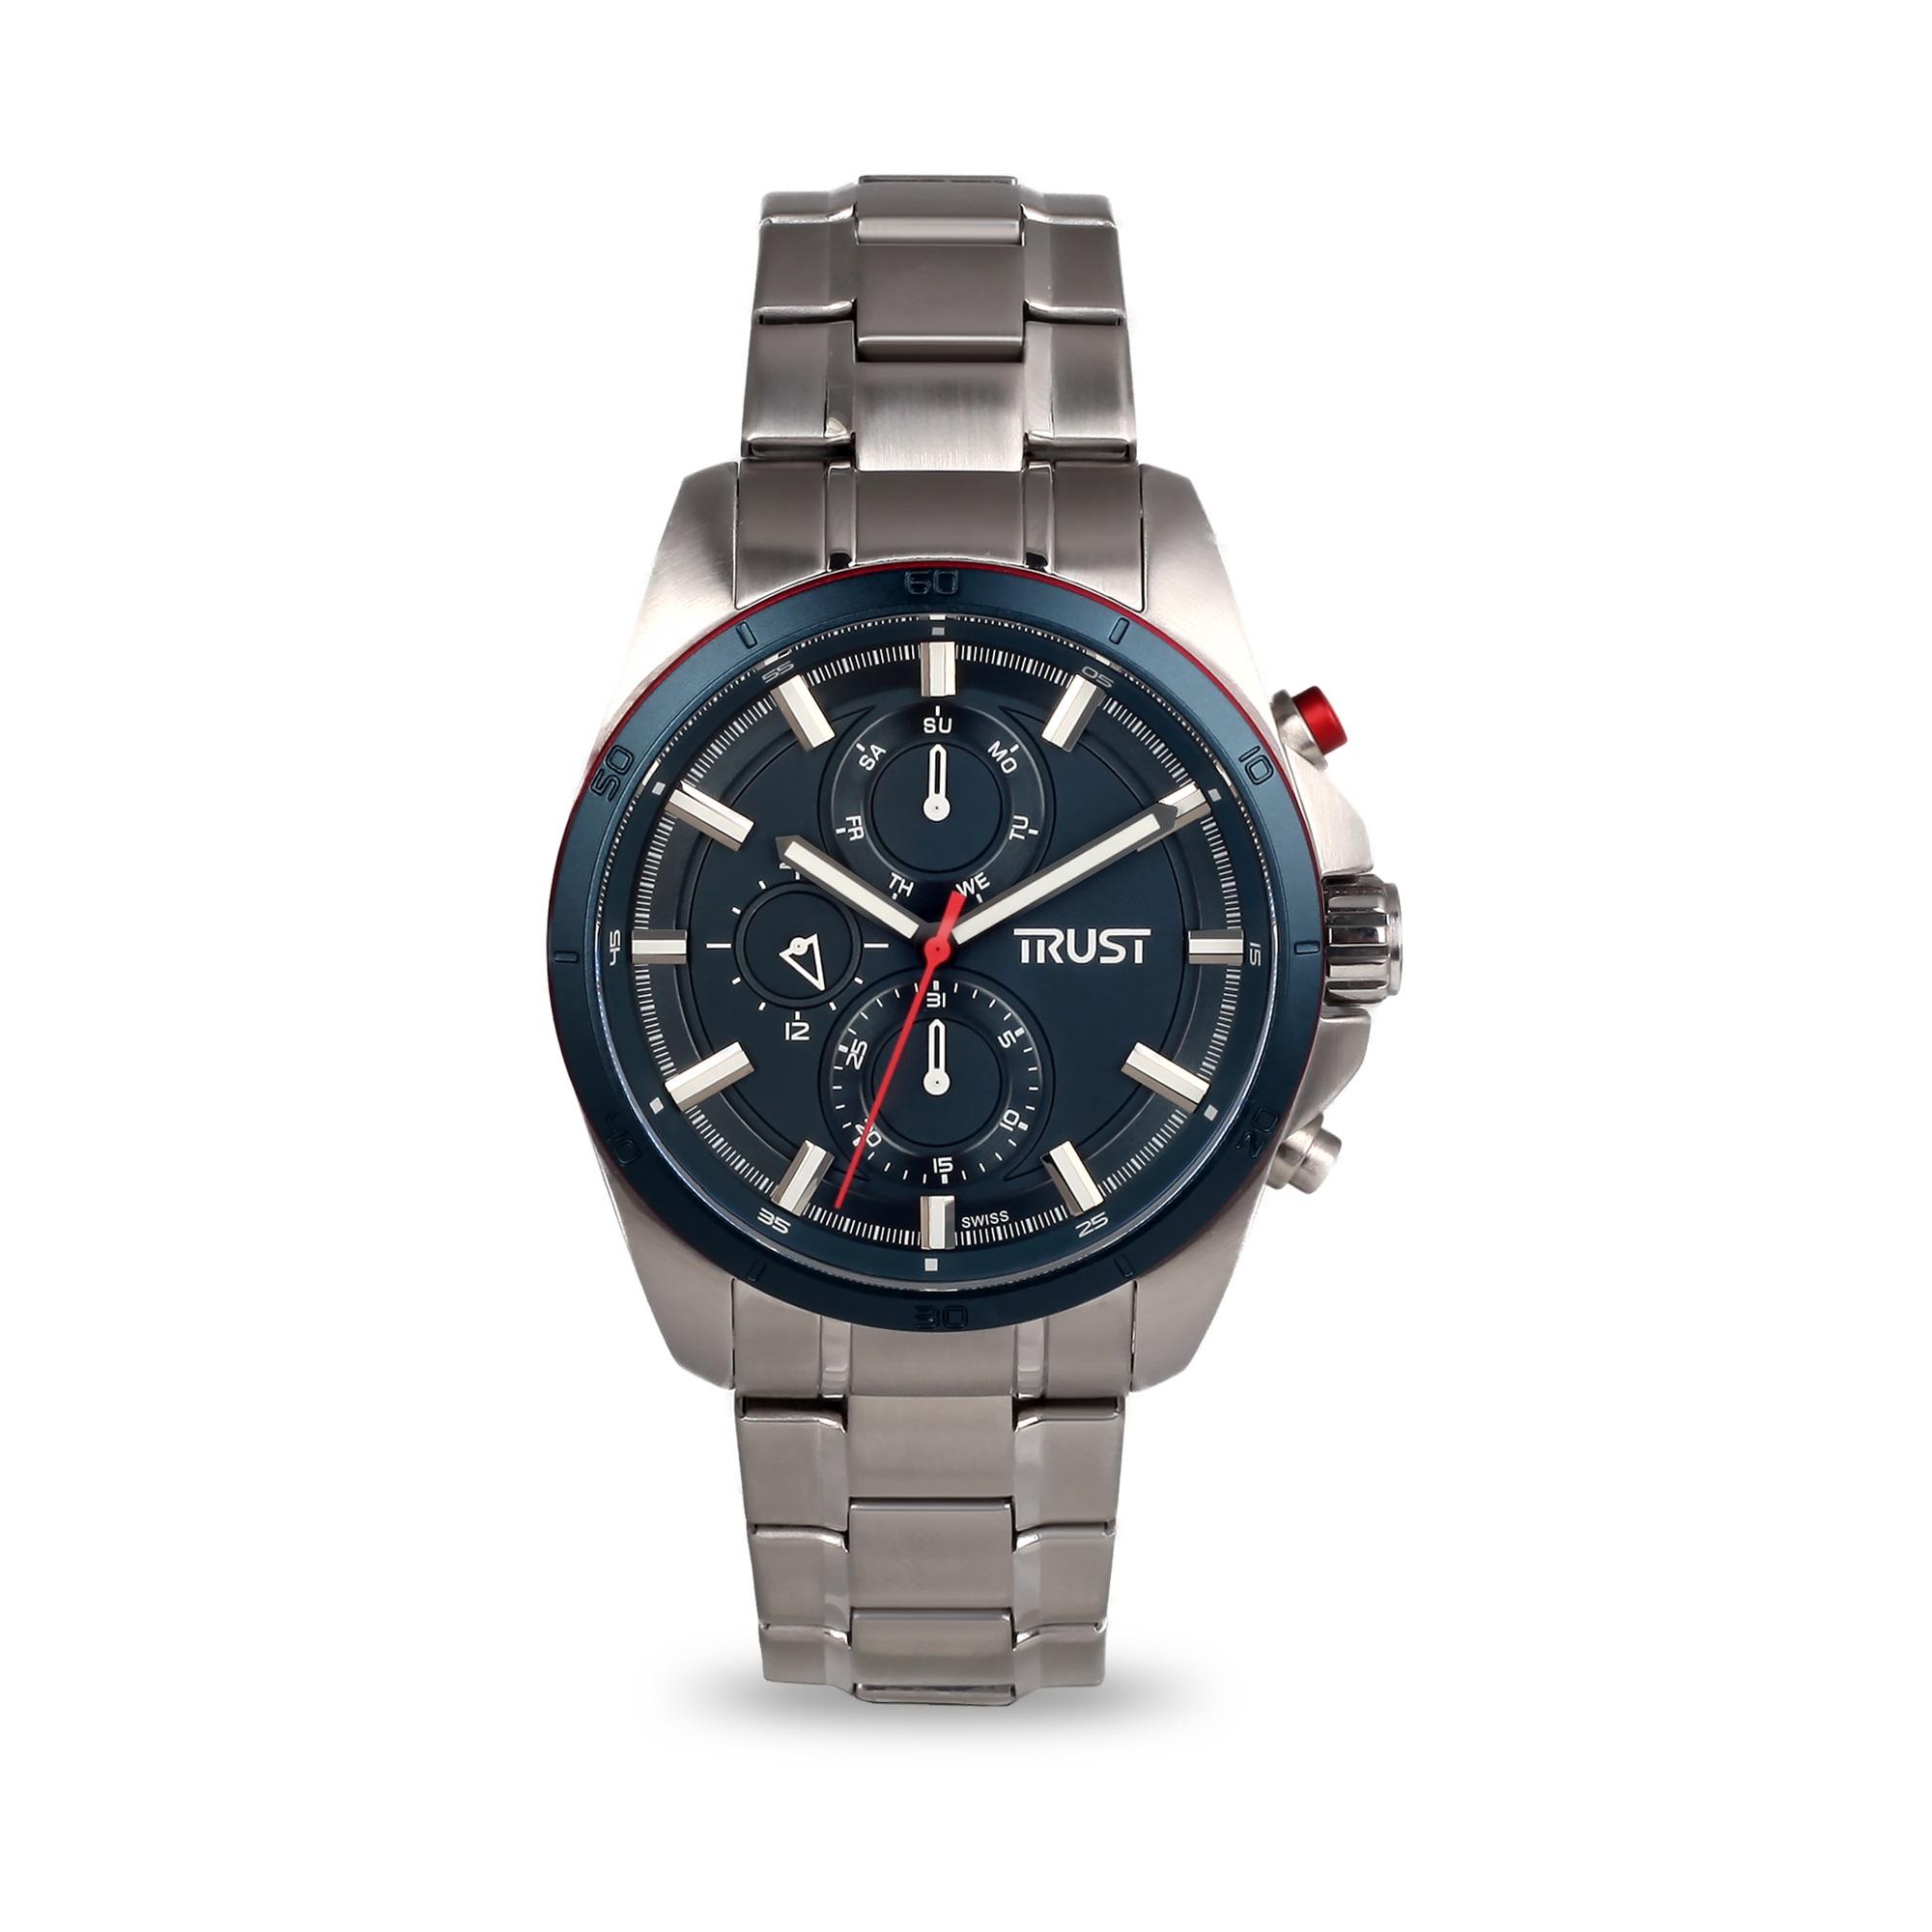 ساعت مچی عقربه ای مردانه تراست مدل G495HRG 28